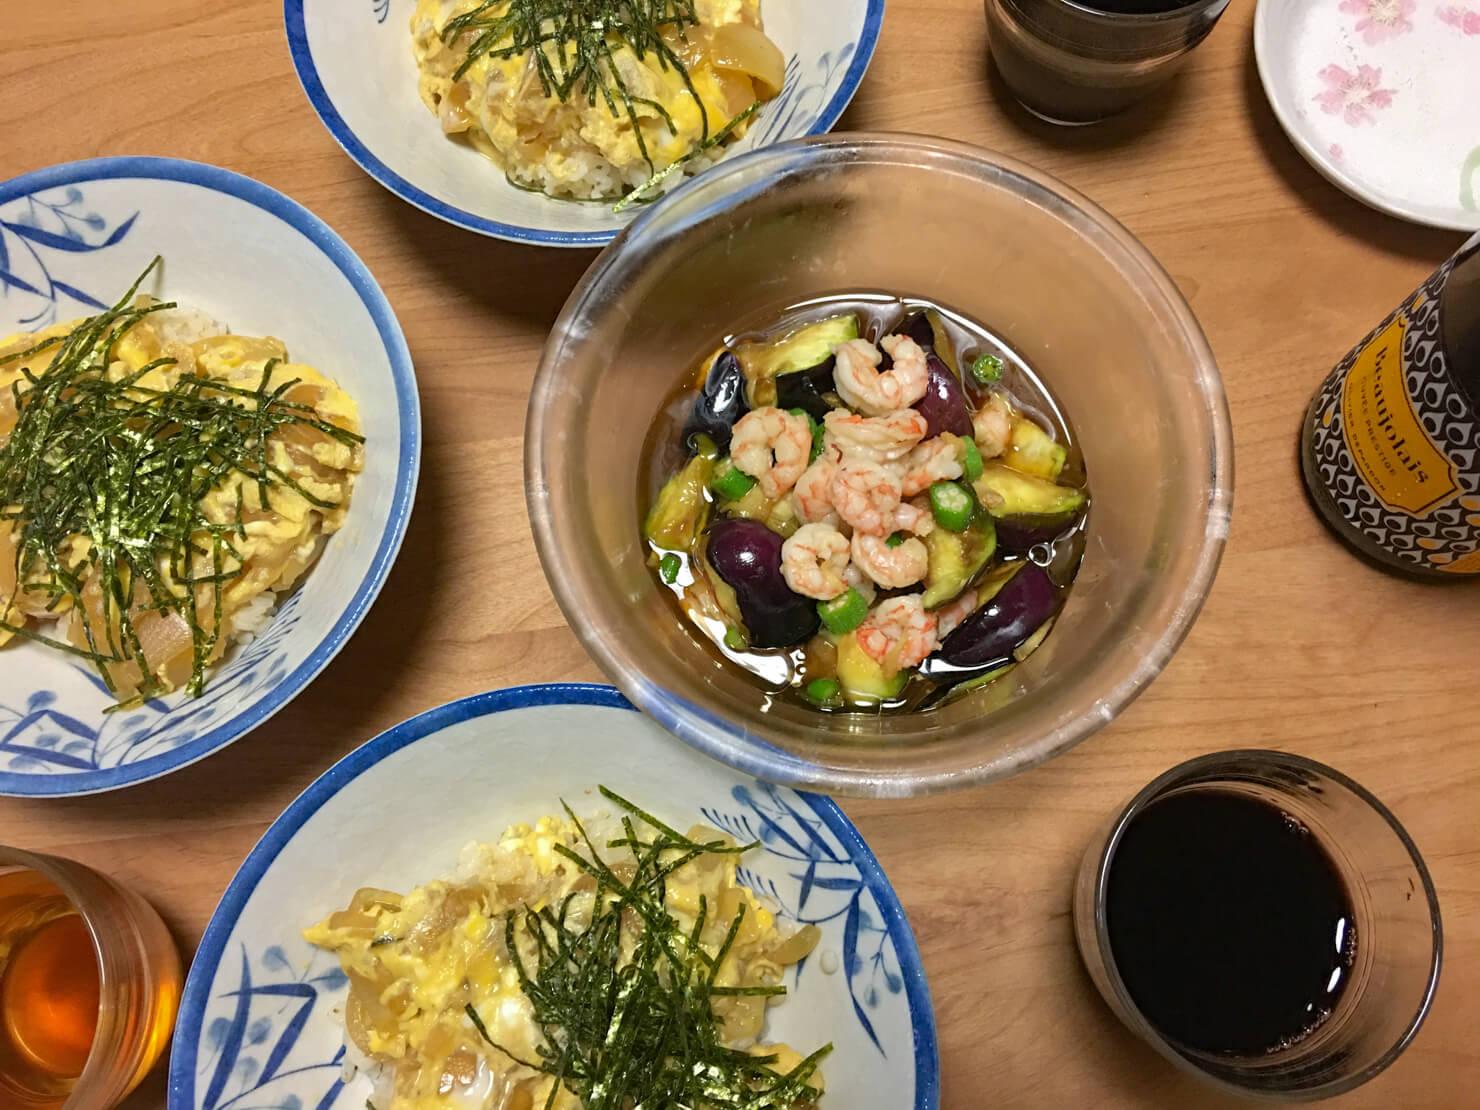 オクラと水ナスとエビの和風サラダ中心の夕食の写真